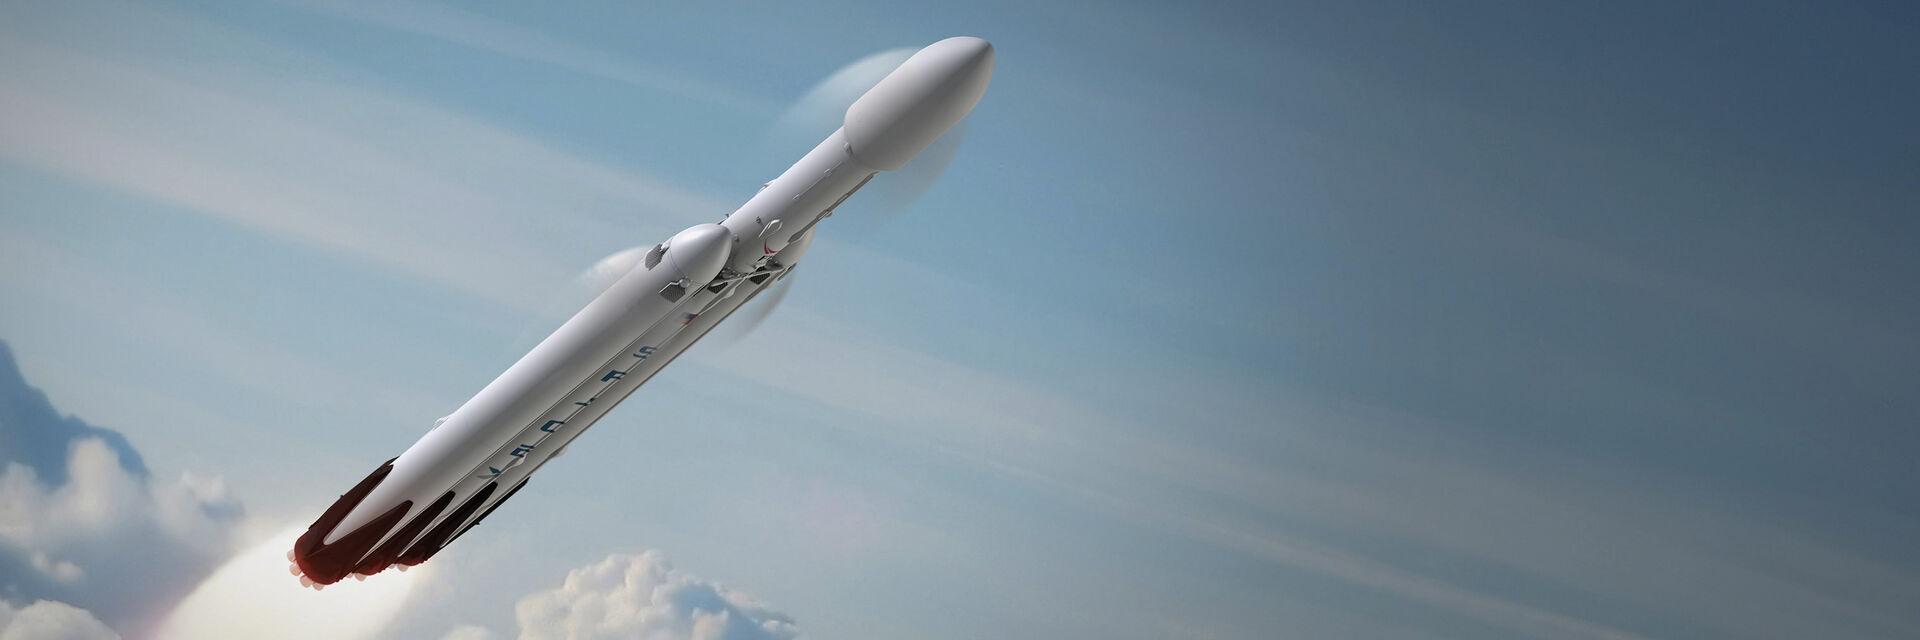 Resultado de imagen para Elon Musk, SpaceX, lanzó este viernes el Falcon 9.